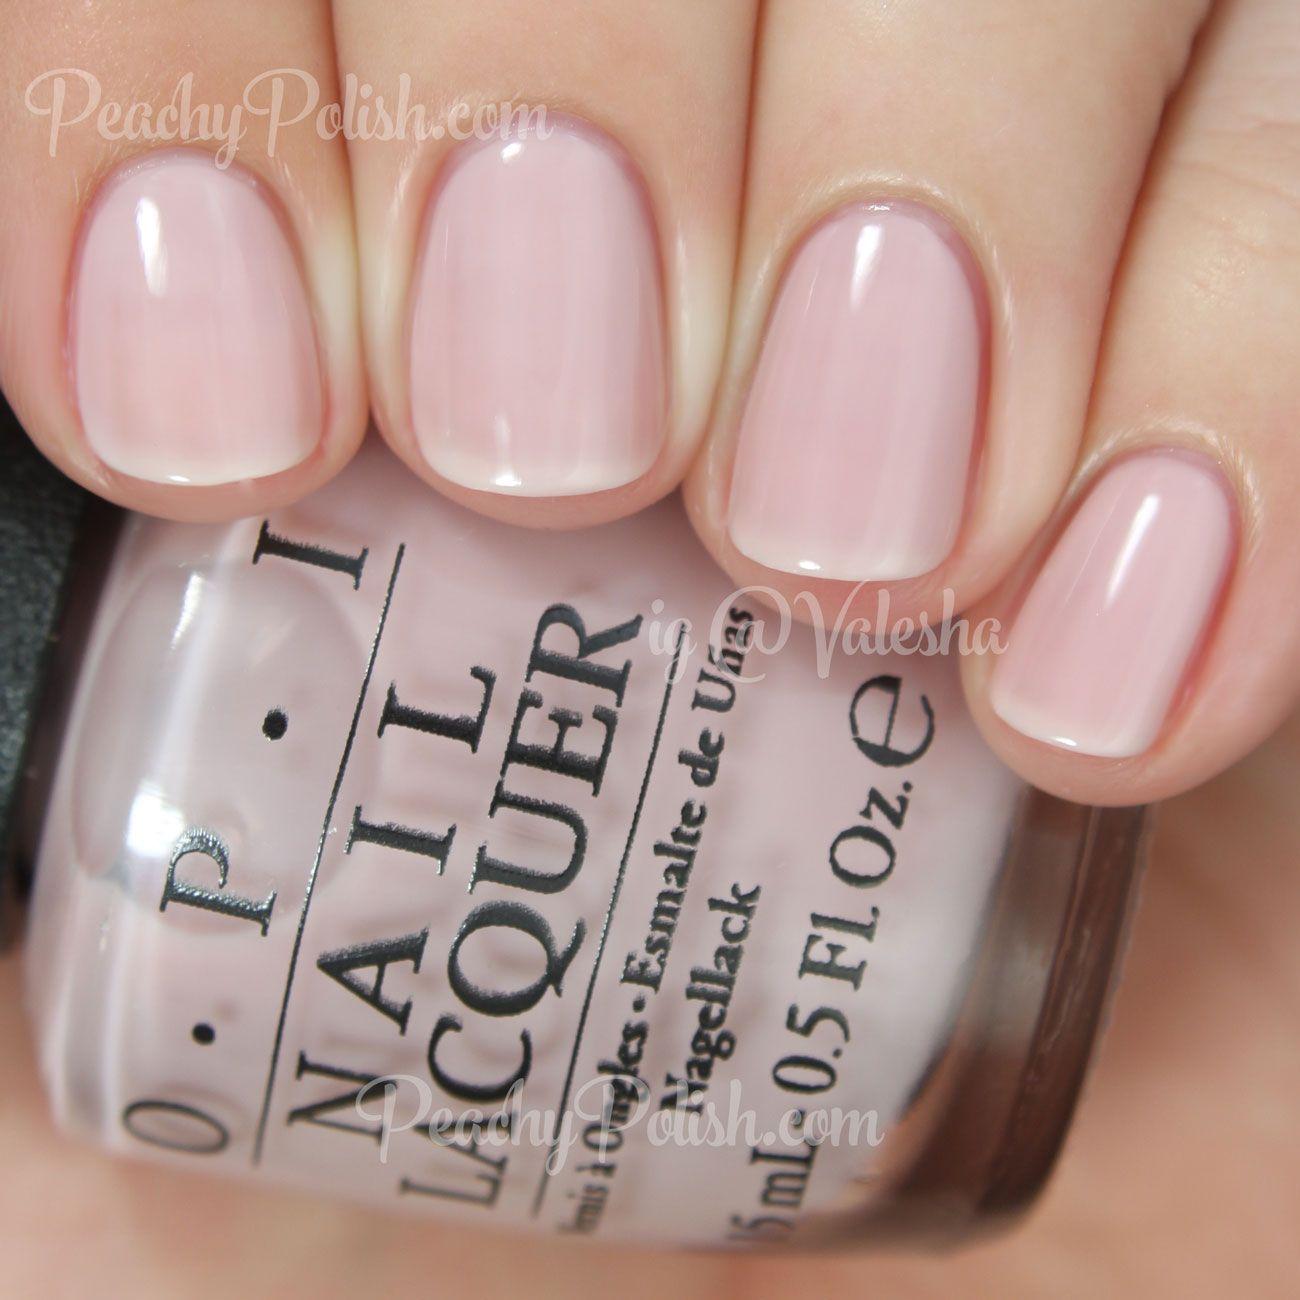 Sheer Pink Opi Nail Polish: OPI 2015 Soft Shades Collection